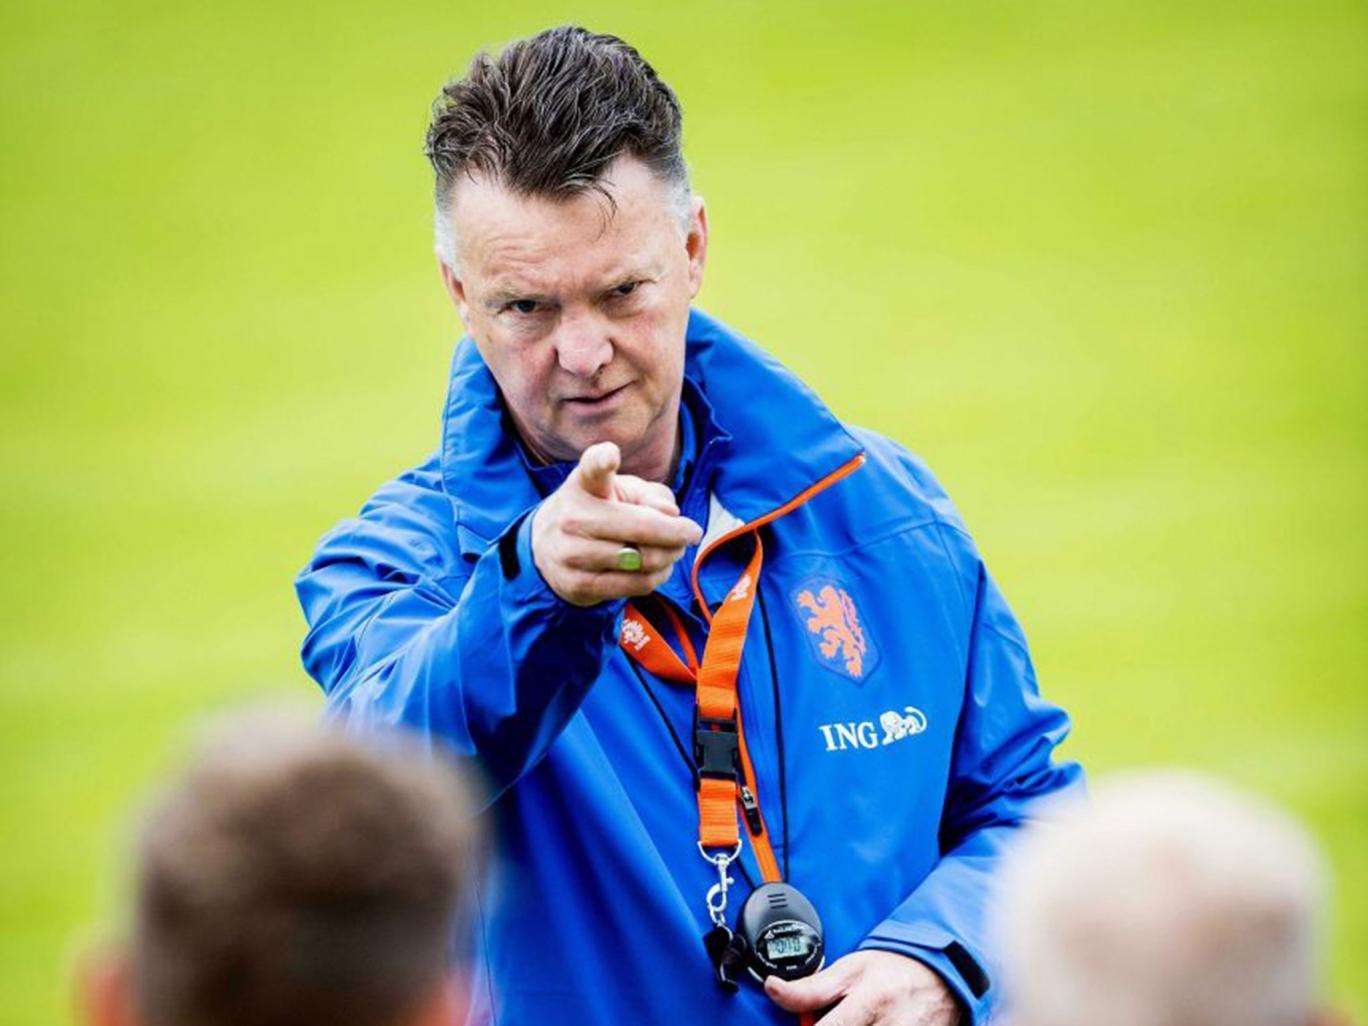 Louis van Gaal has promised that he will restore United's pride